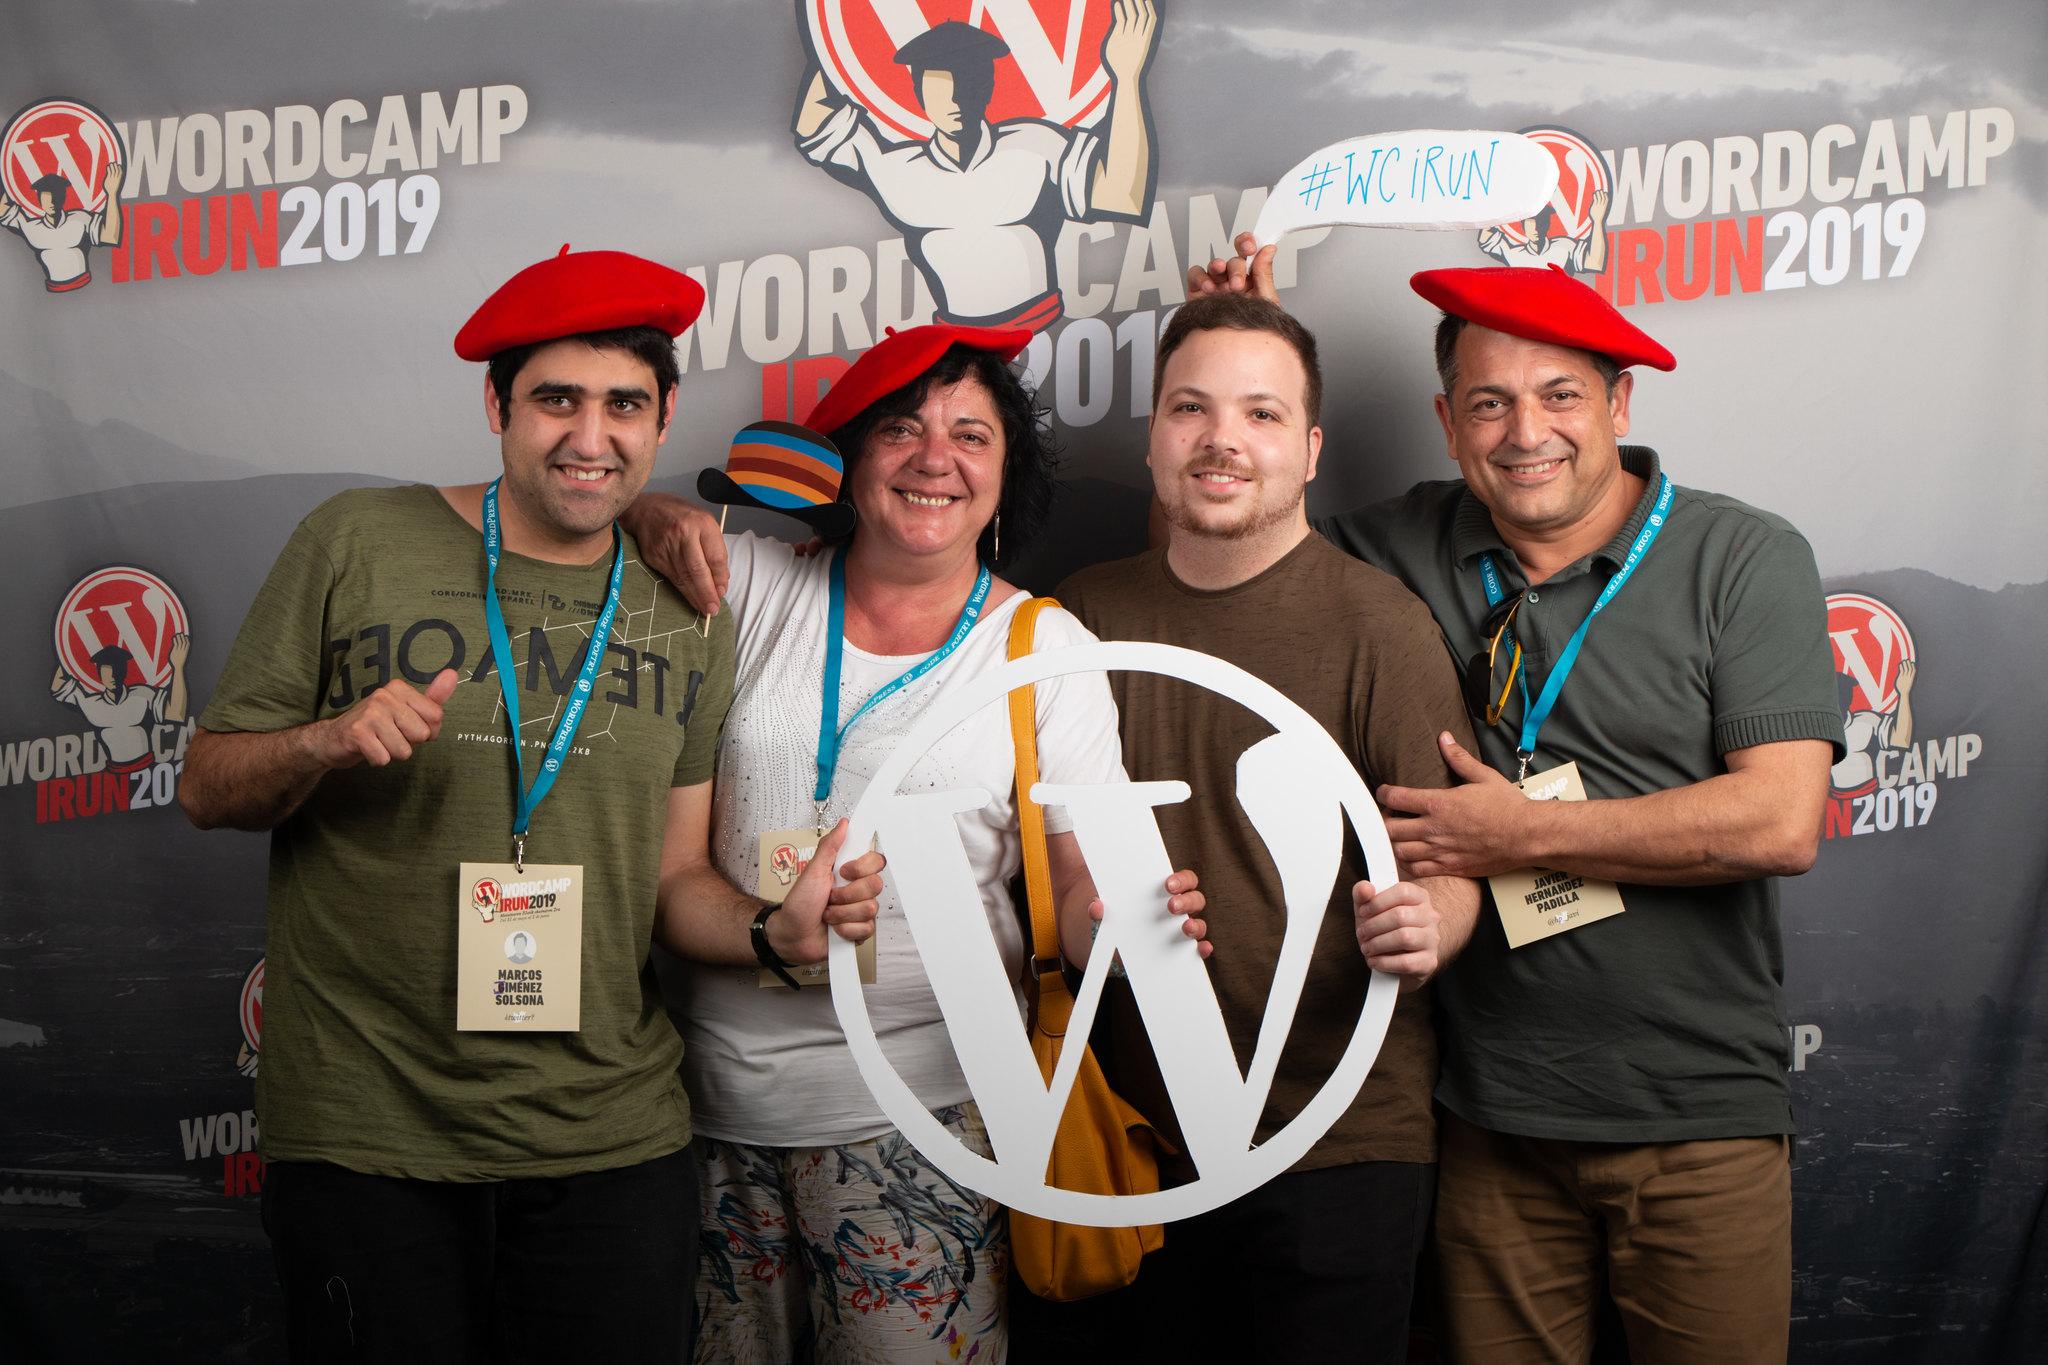 El equipo de Estudio Inclusivo en la Wordcamp 2019 de Irún